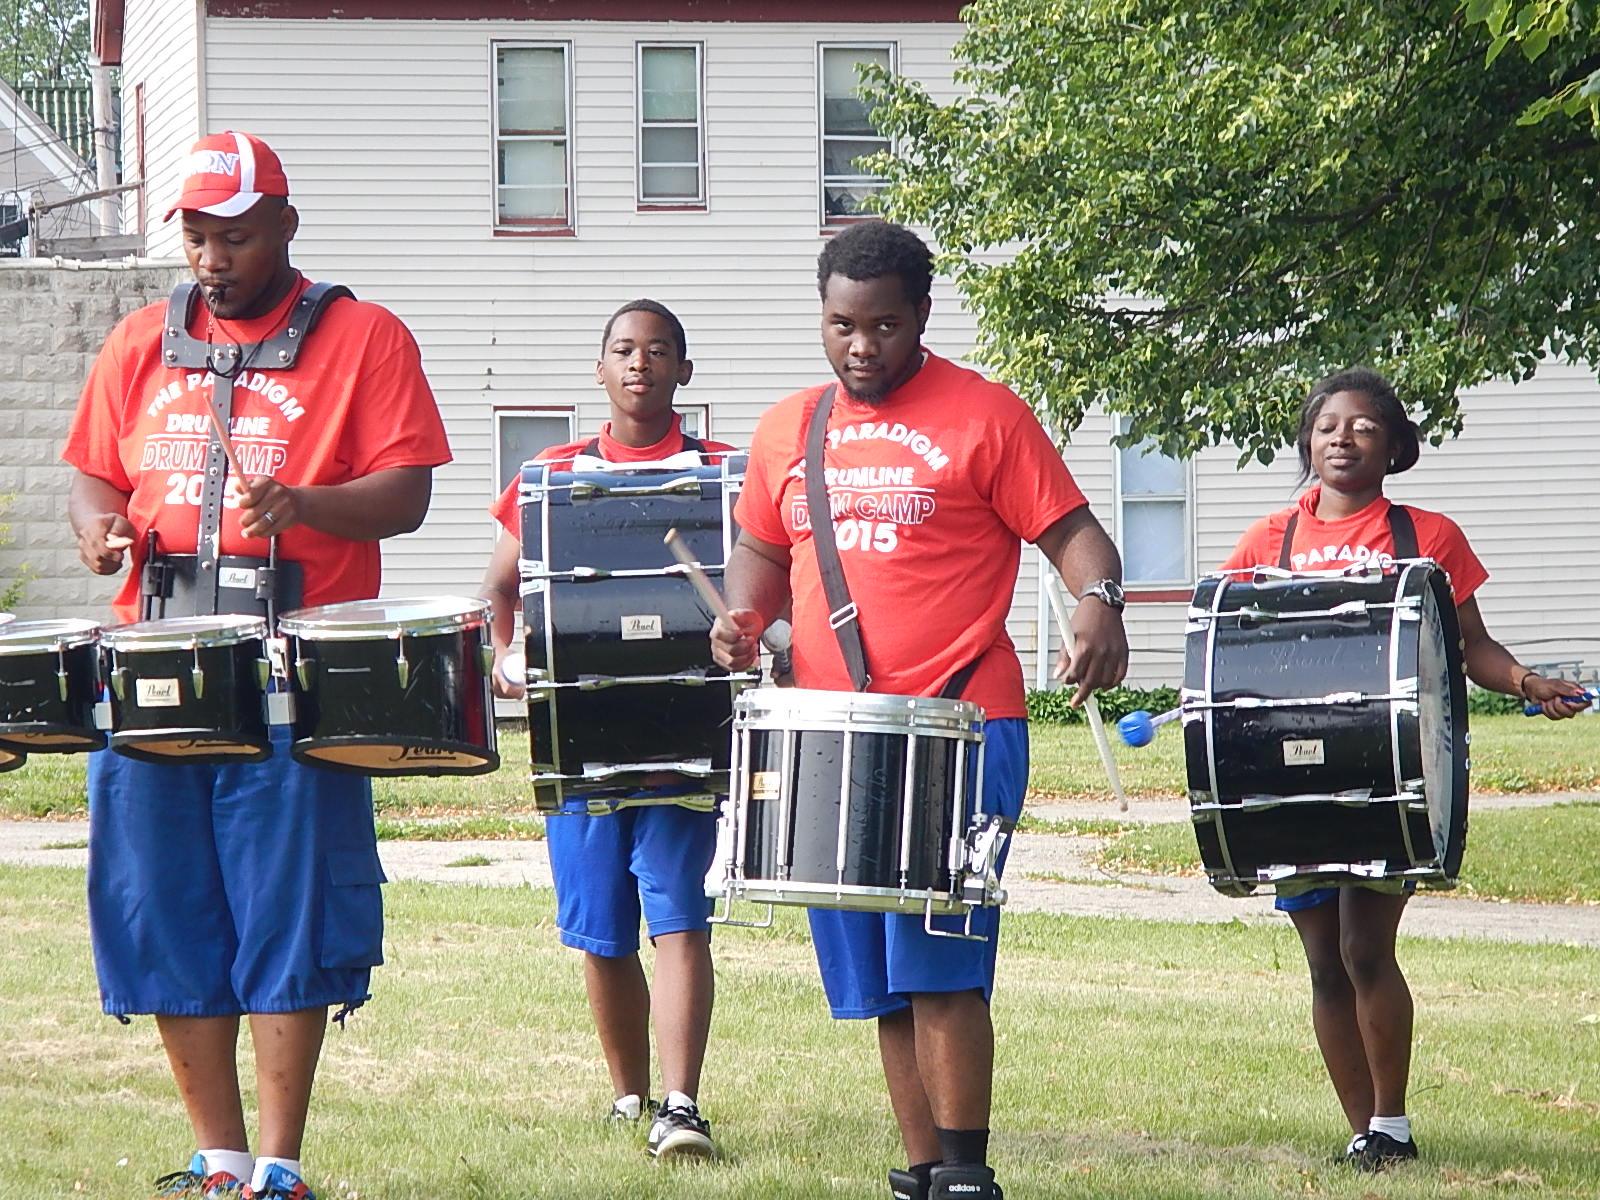 The Paradigm Drumline Bandcamp